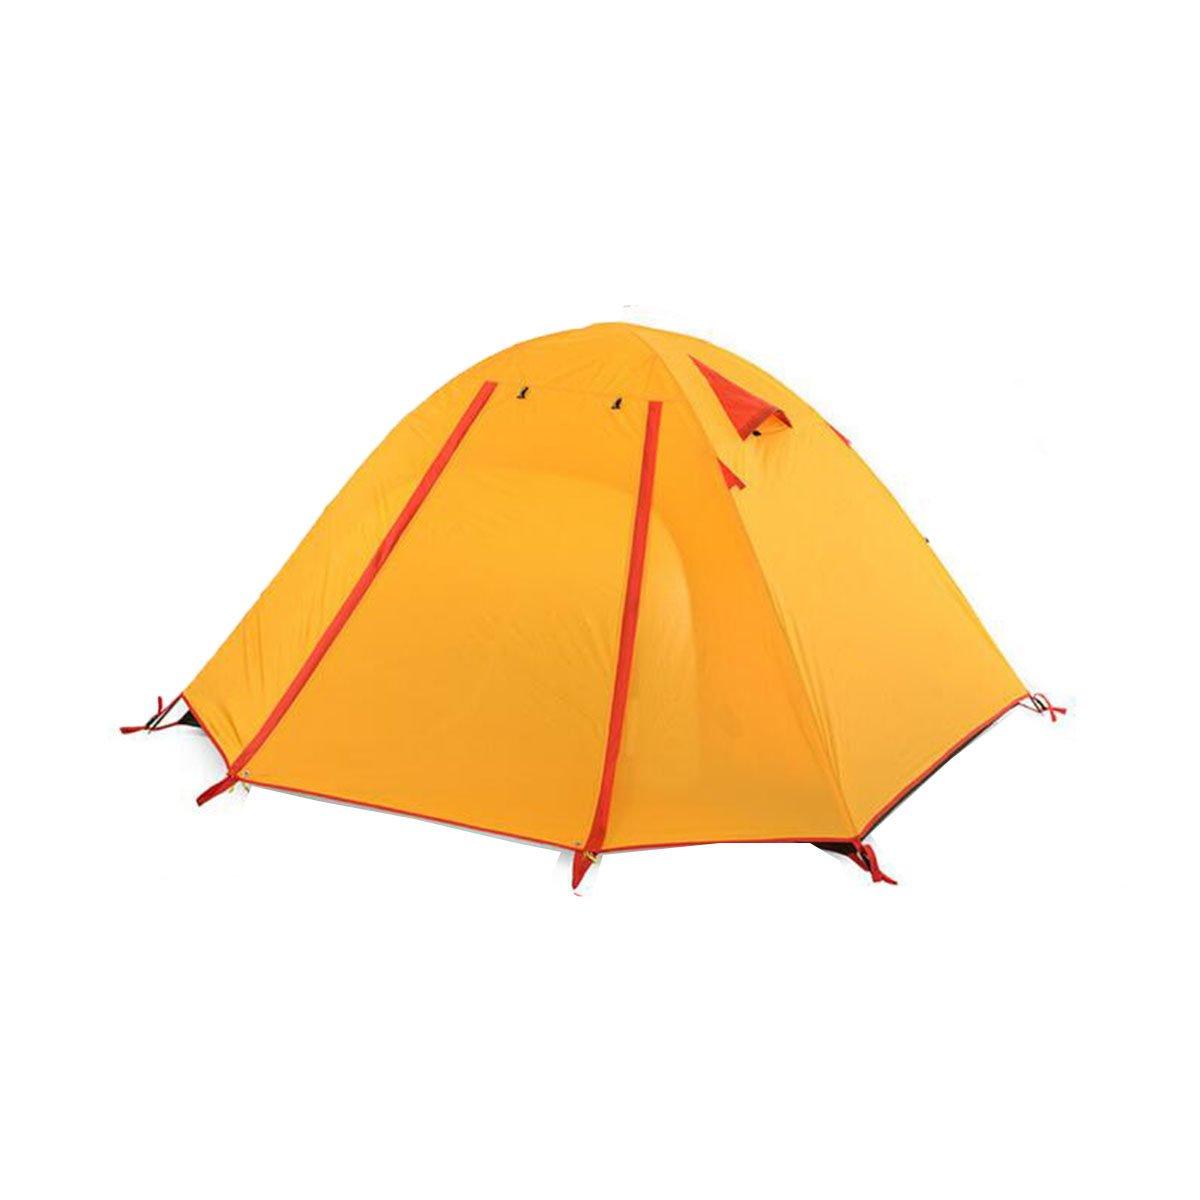 TZQ Set Doppel- Anti-regen Campingzelte,Gelb